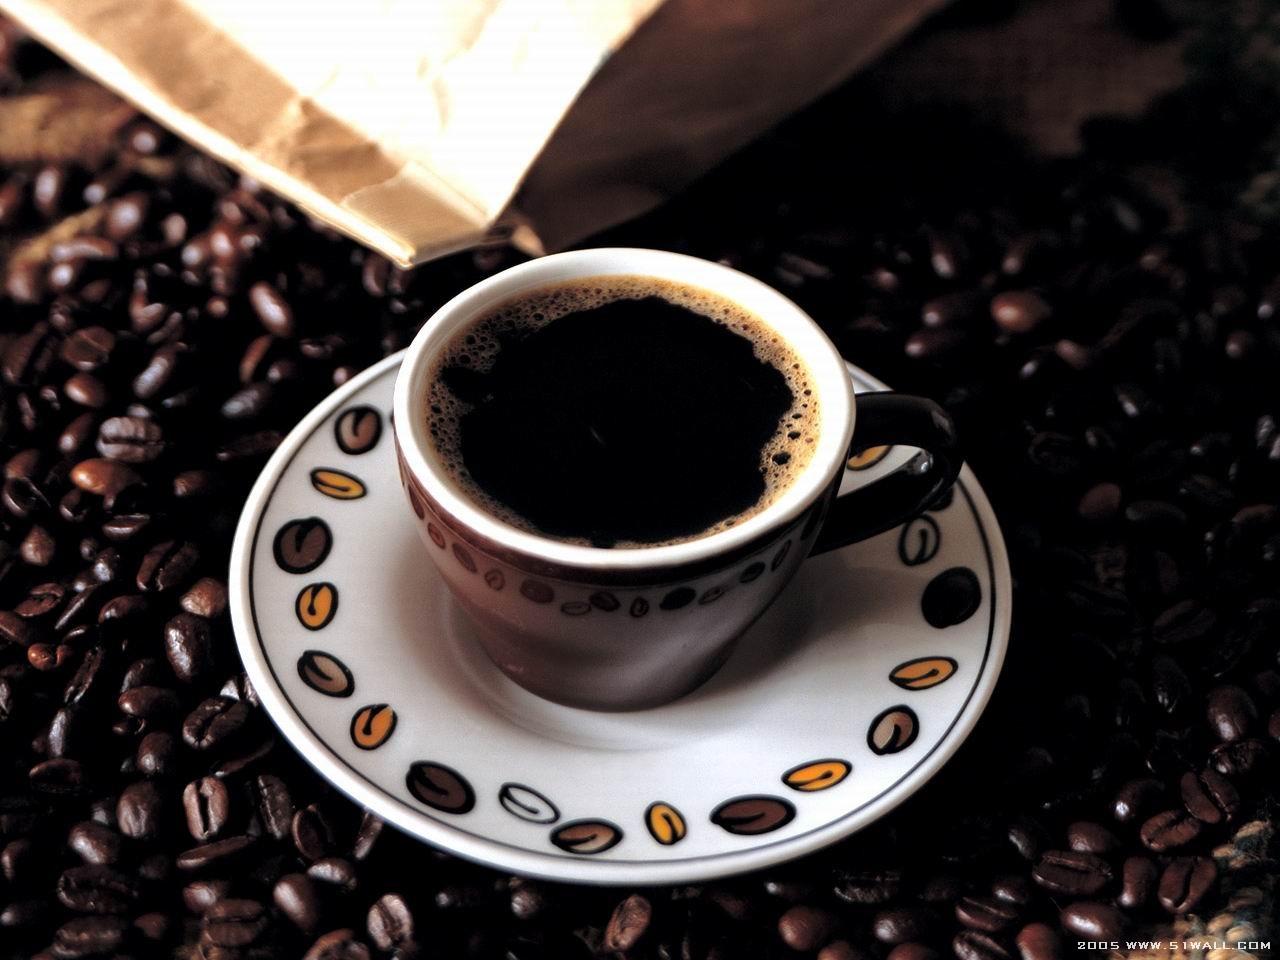 Cà phê Espresso thường có vị đắng, hương thơm nồng nàn được nhiều người yêu thích.